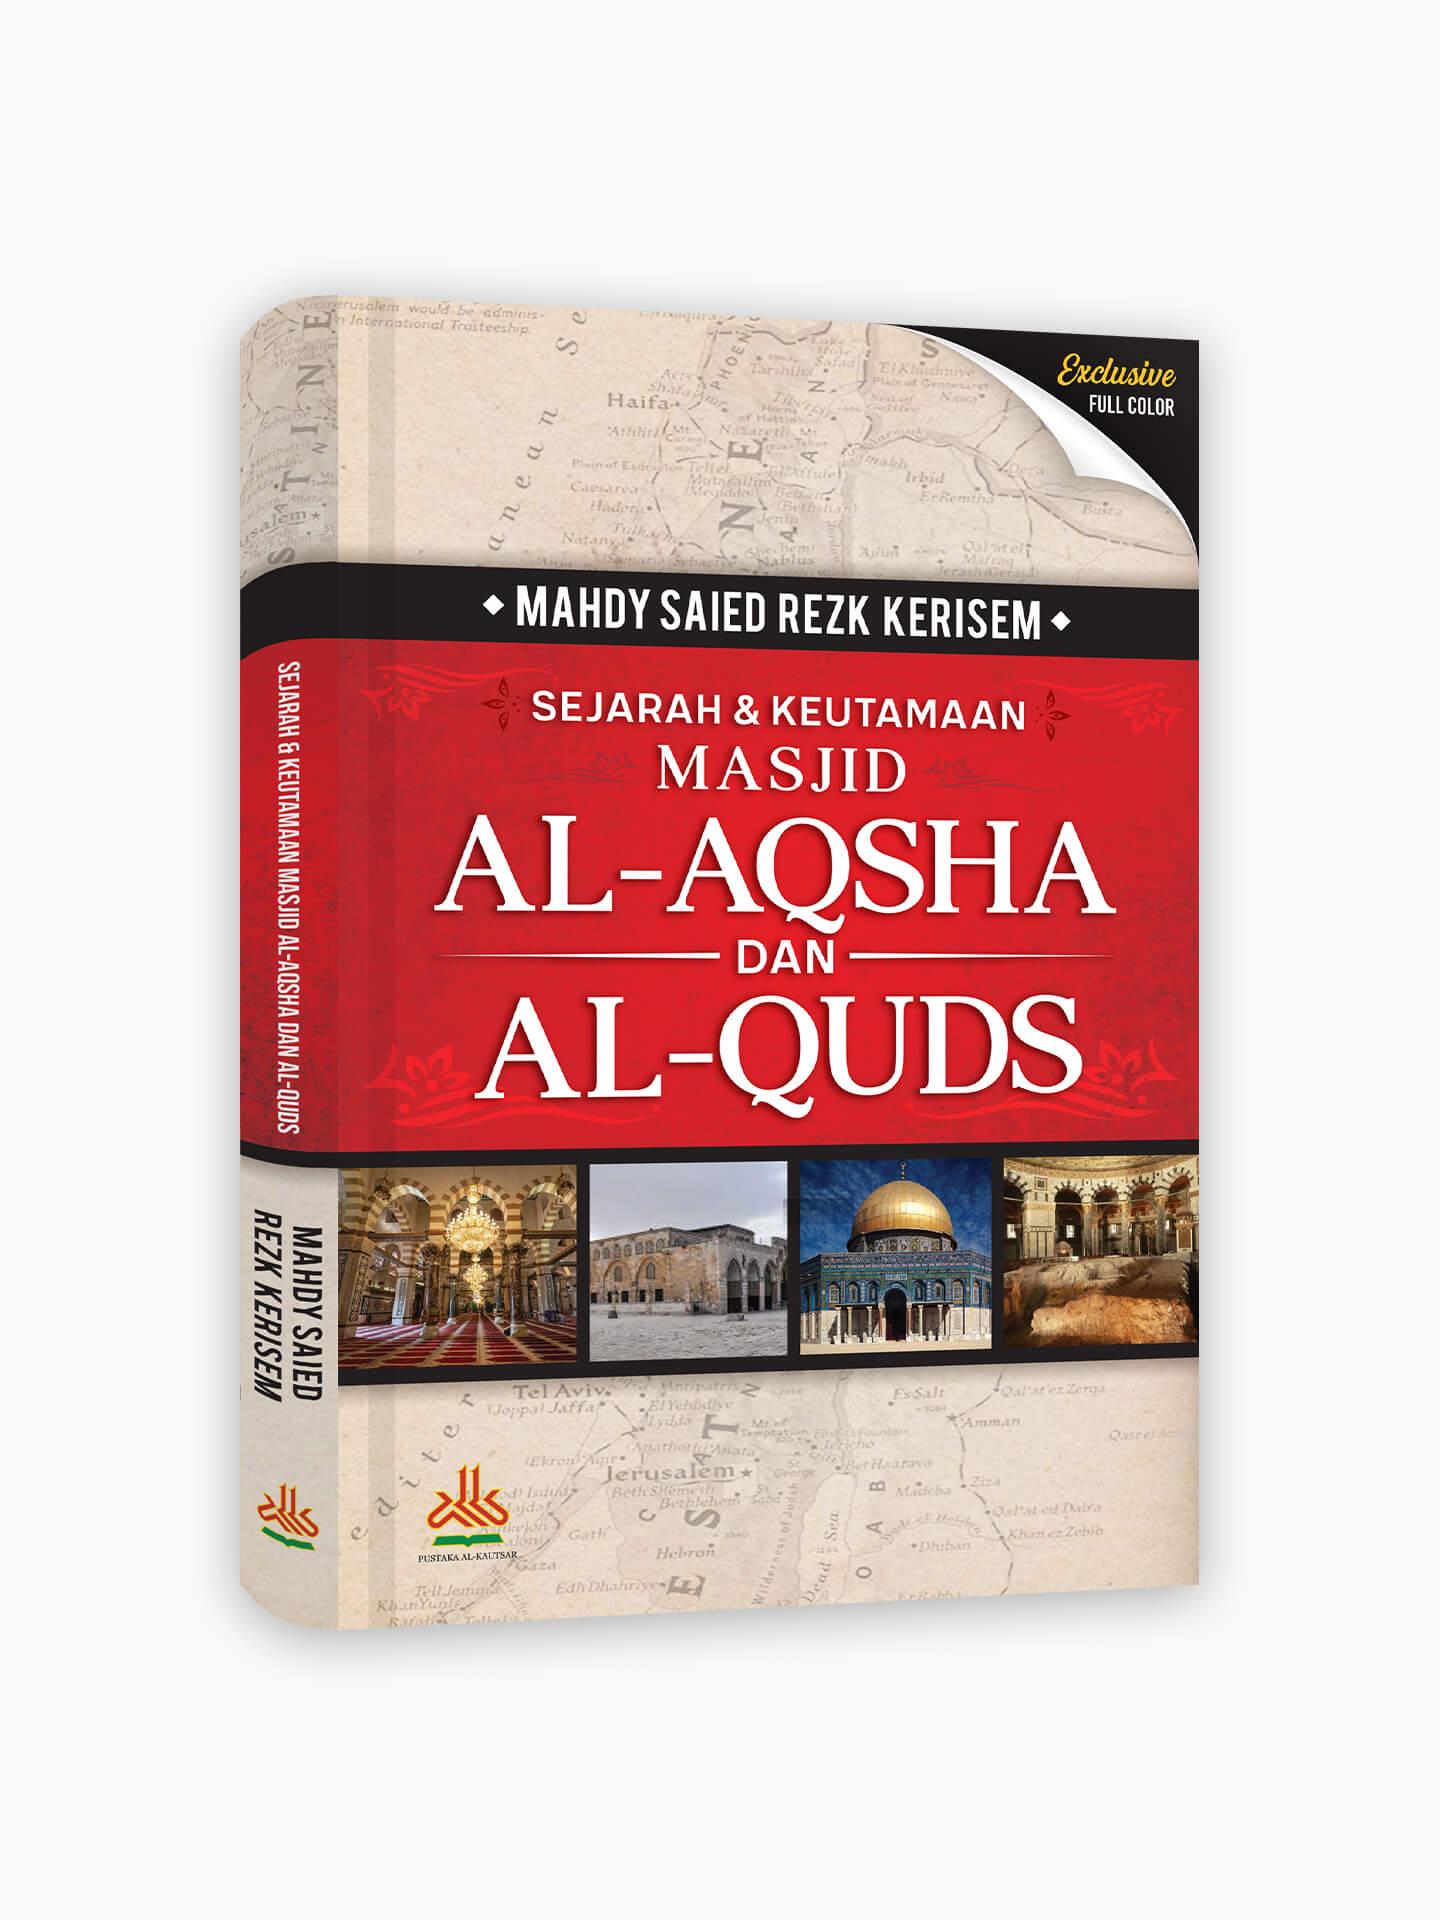 Sejarah & Keutamaan Masjid Al-Aqsha dan Al-Quds